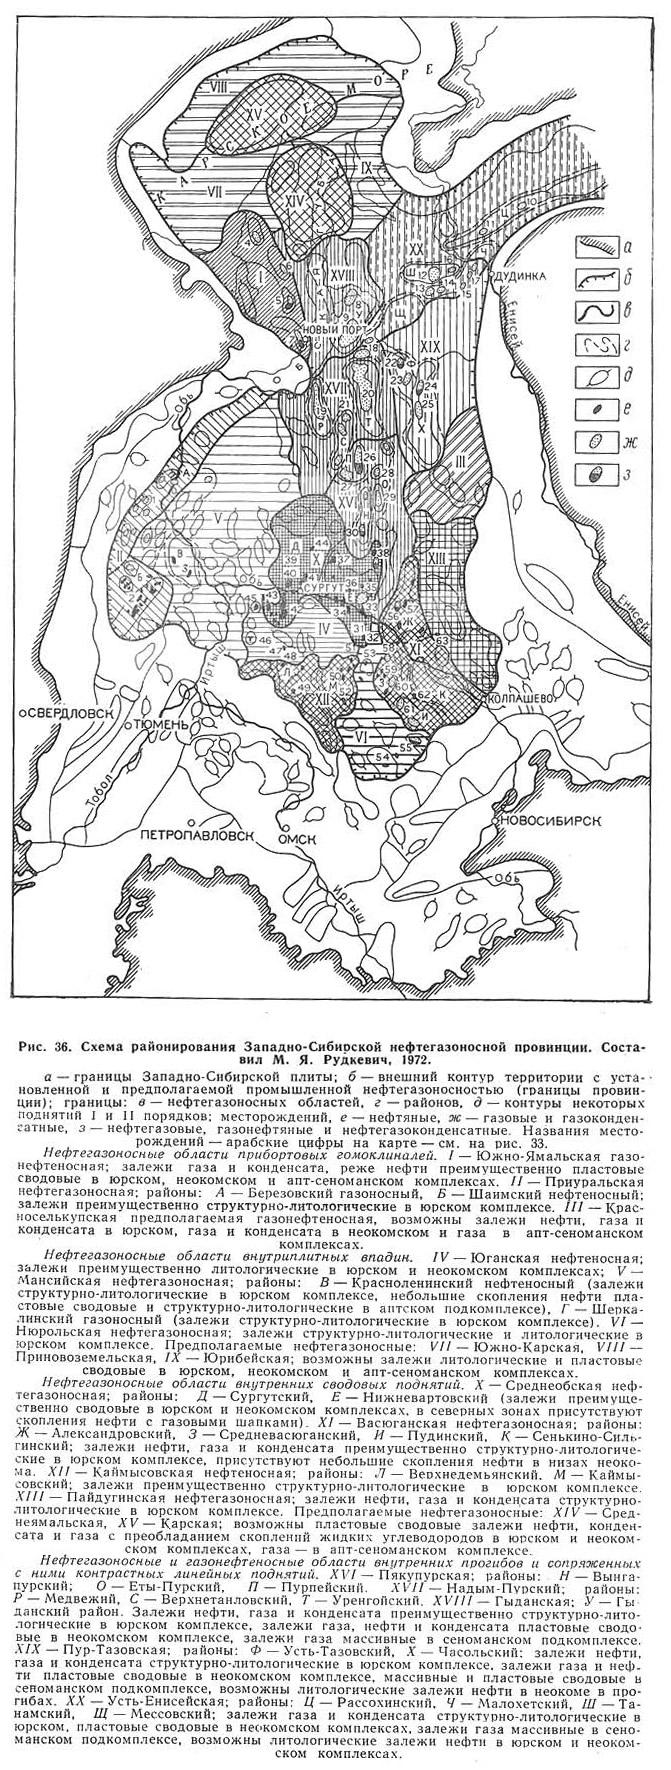 Рис. 36. Схема районирования Западно-Сибирской нефтегазоносной провинции